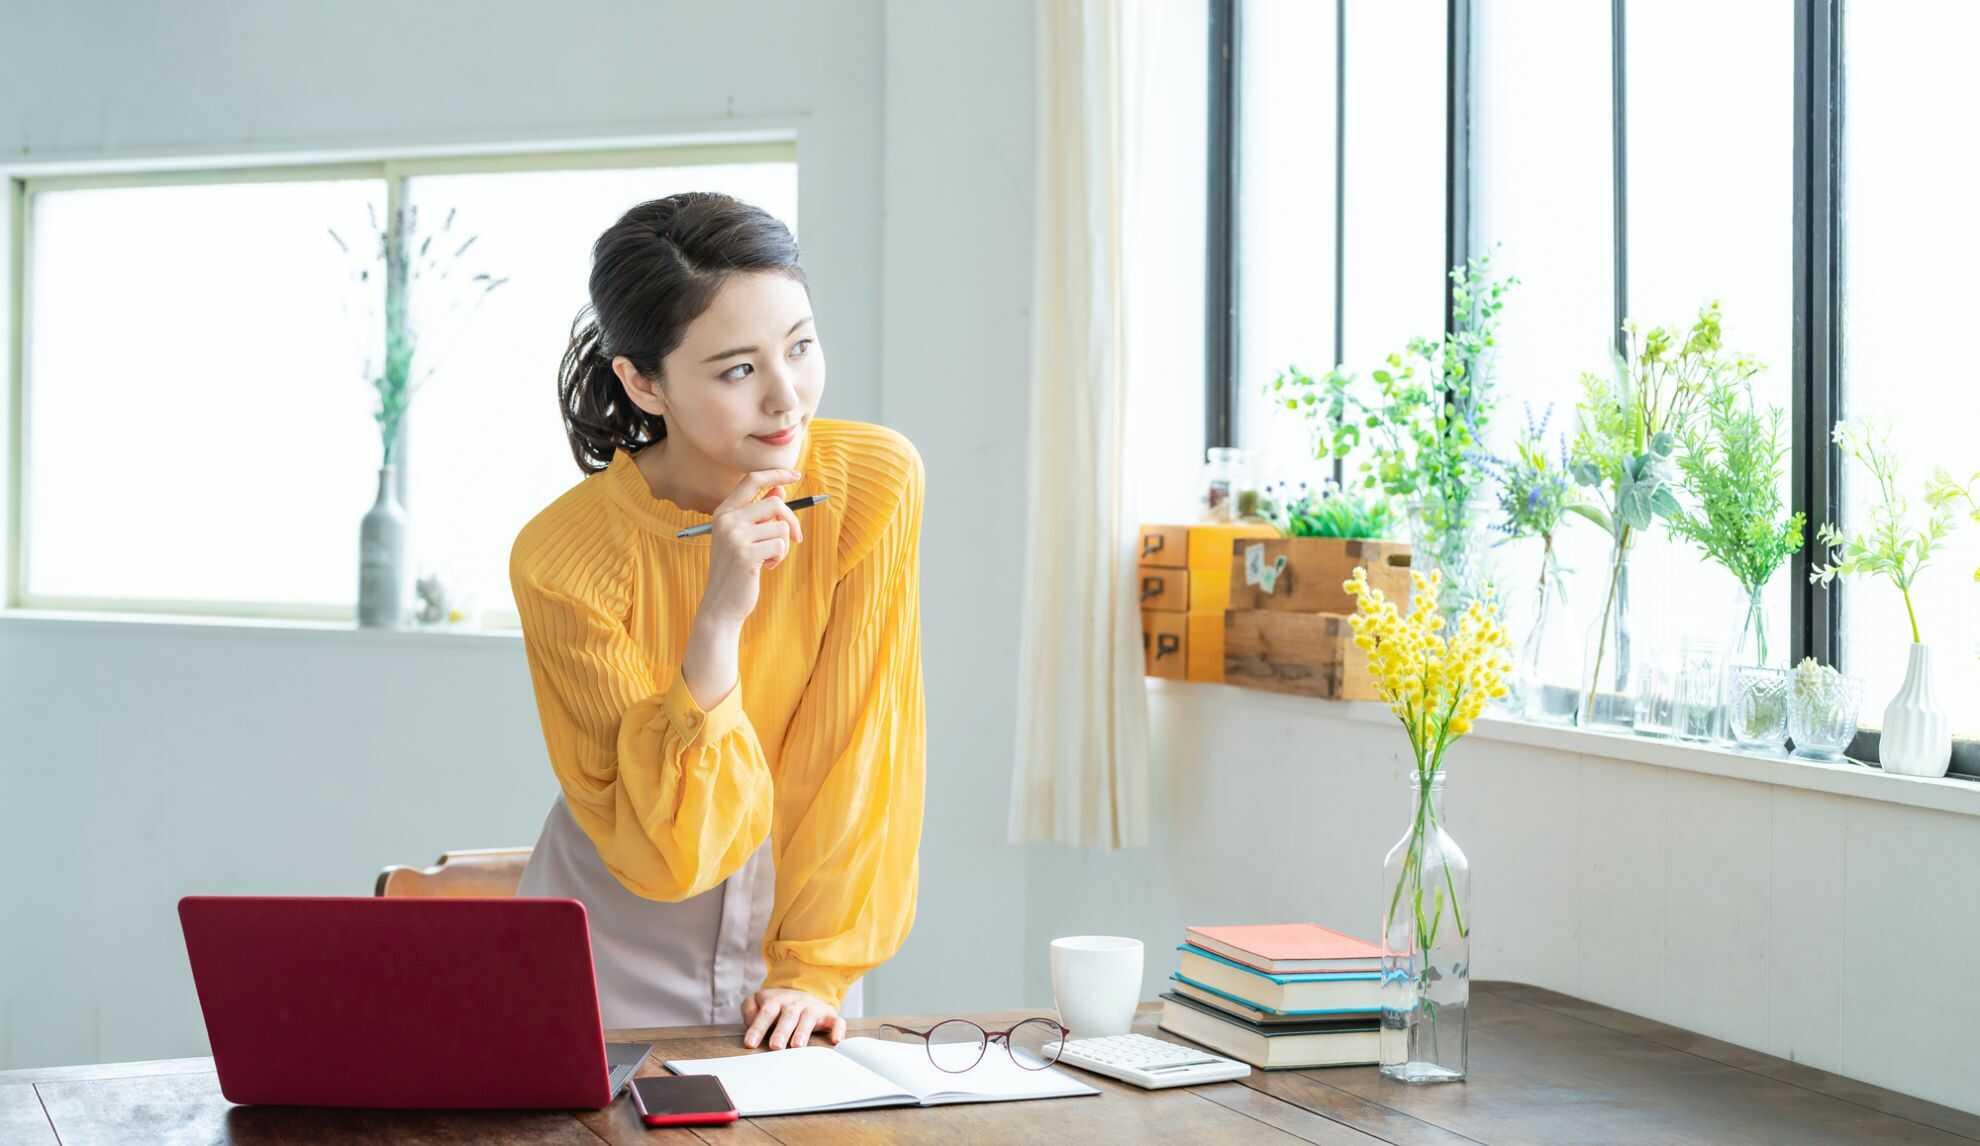 机に片手を突いて窓の外を見つめている女性